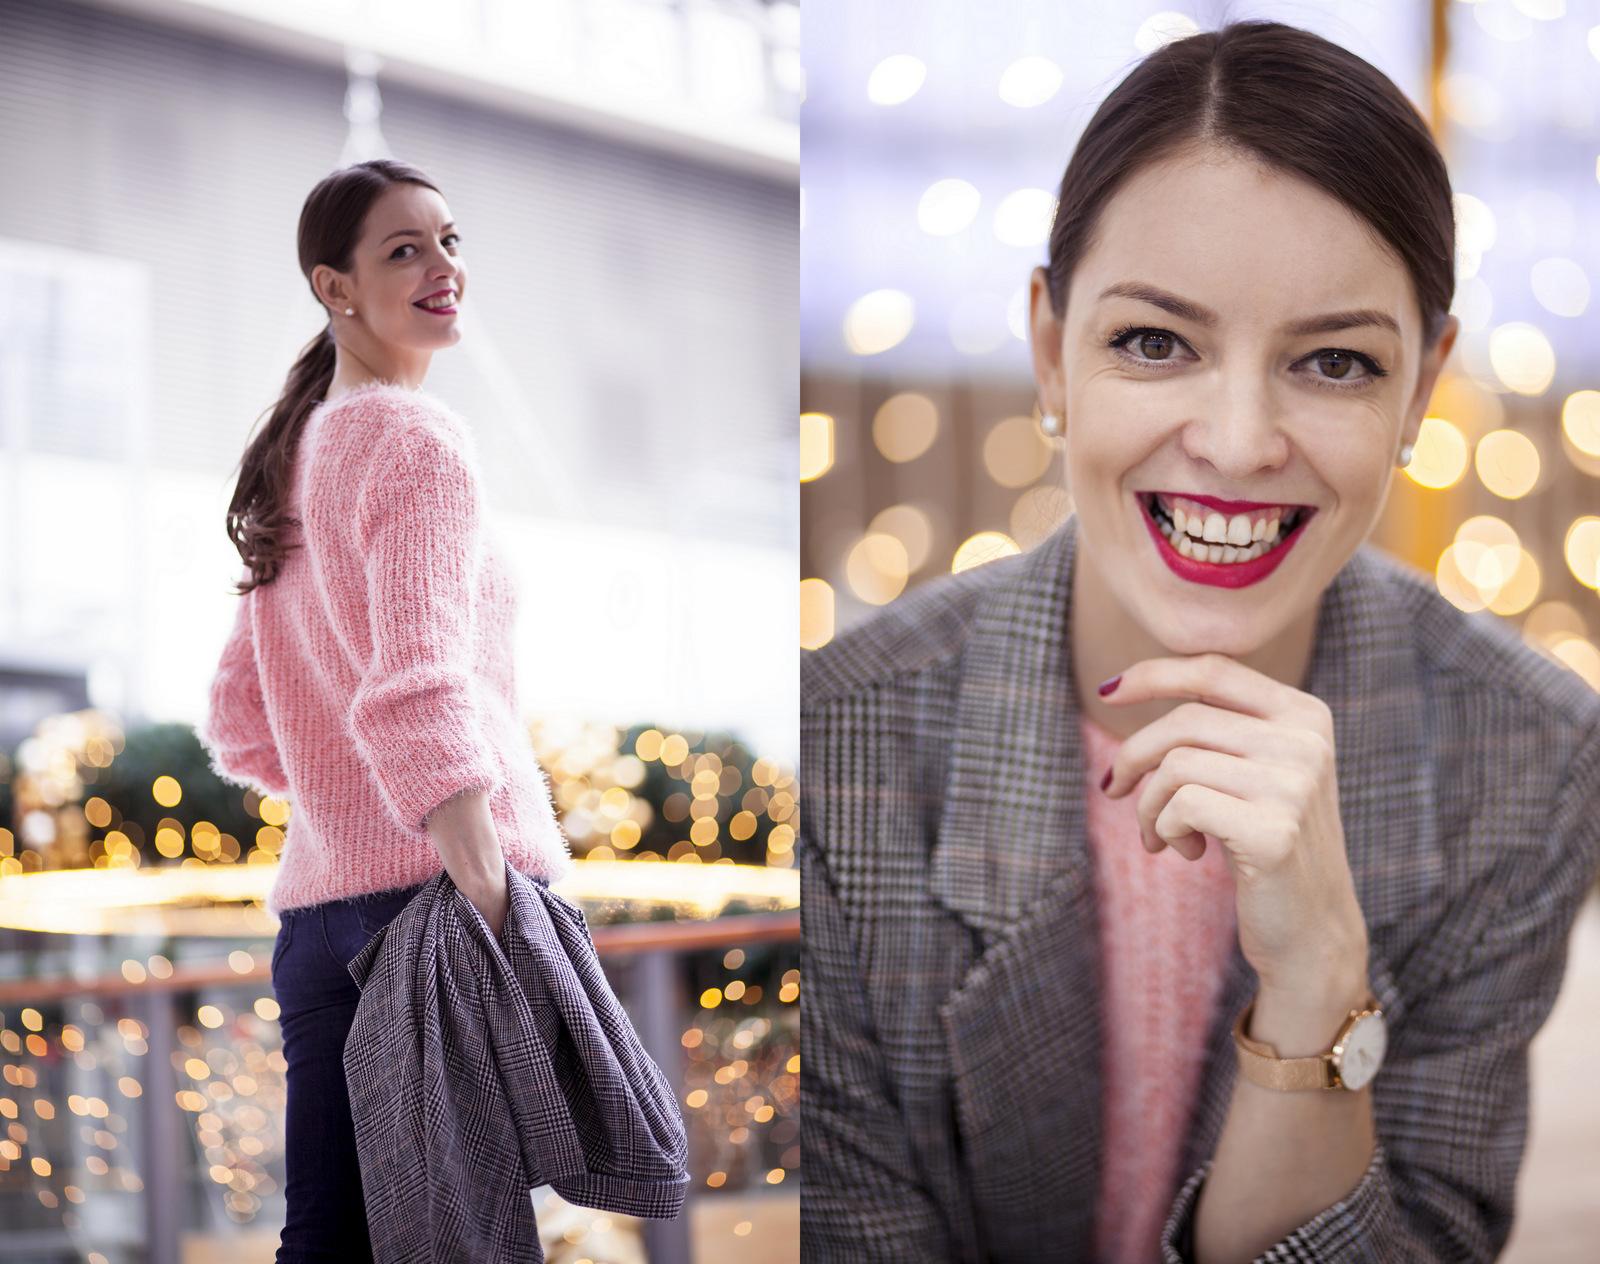 d7a7712a66f7 ružový sveter a moje cestovateľské plány    pink fluffy sweater